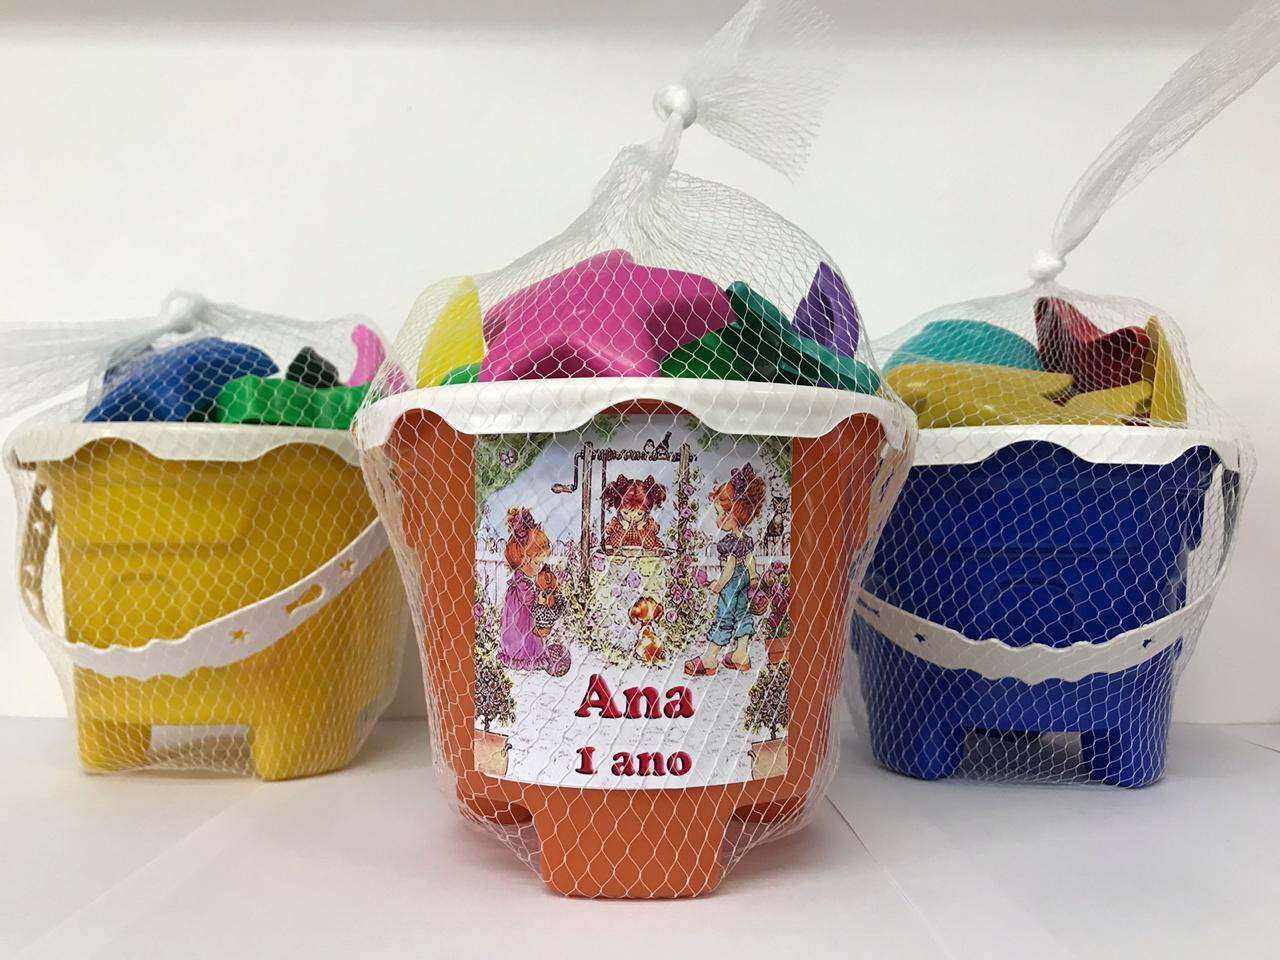 Kit com 10 baldes de praia Castelinho encantado